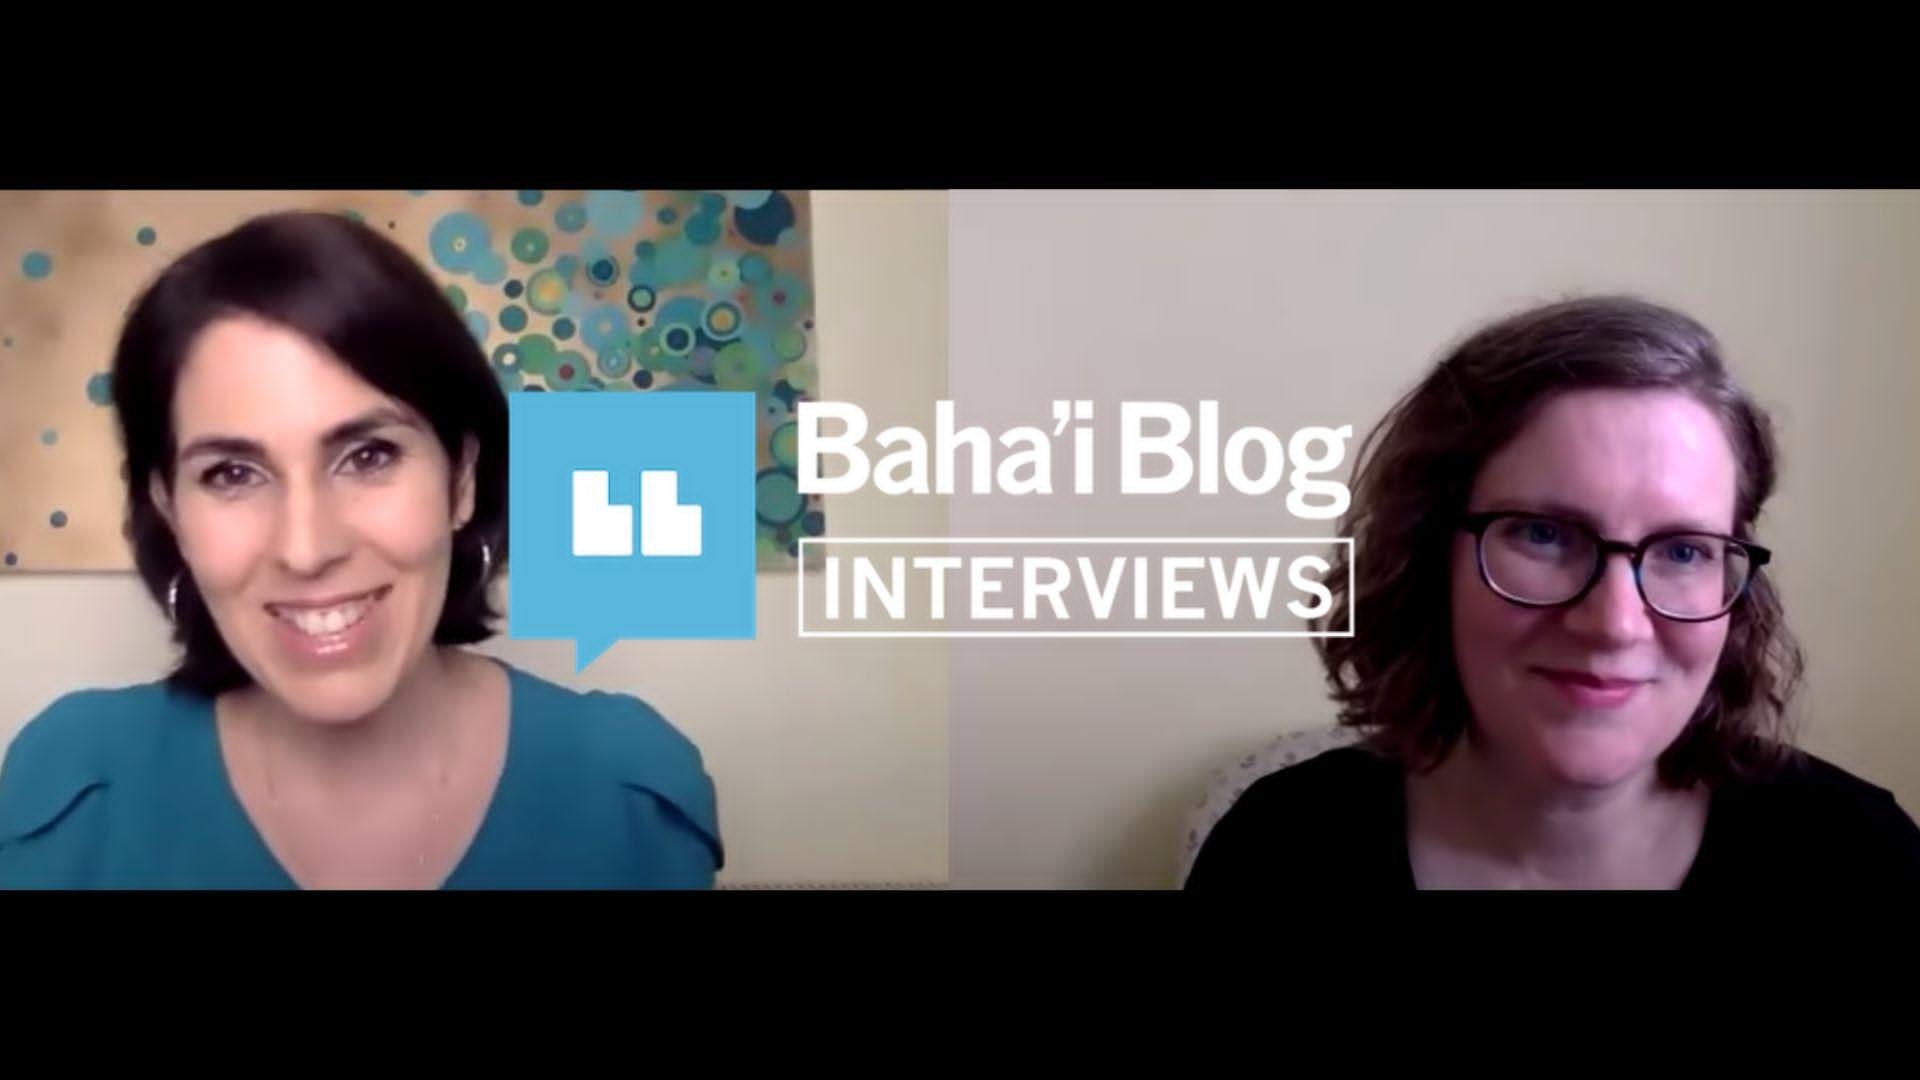 Elika Mahony interview with Baha'i Blog